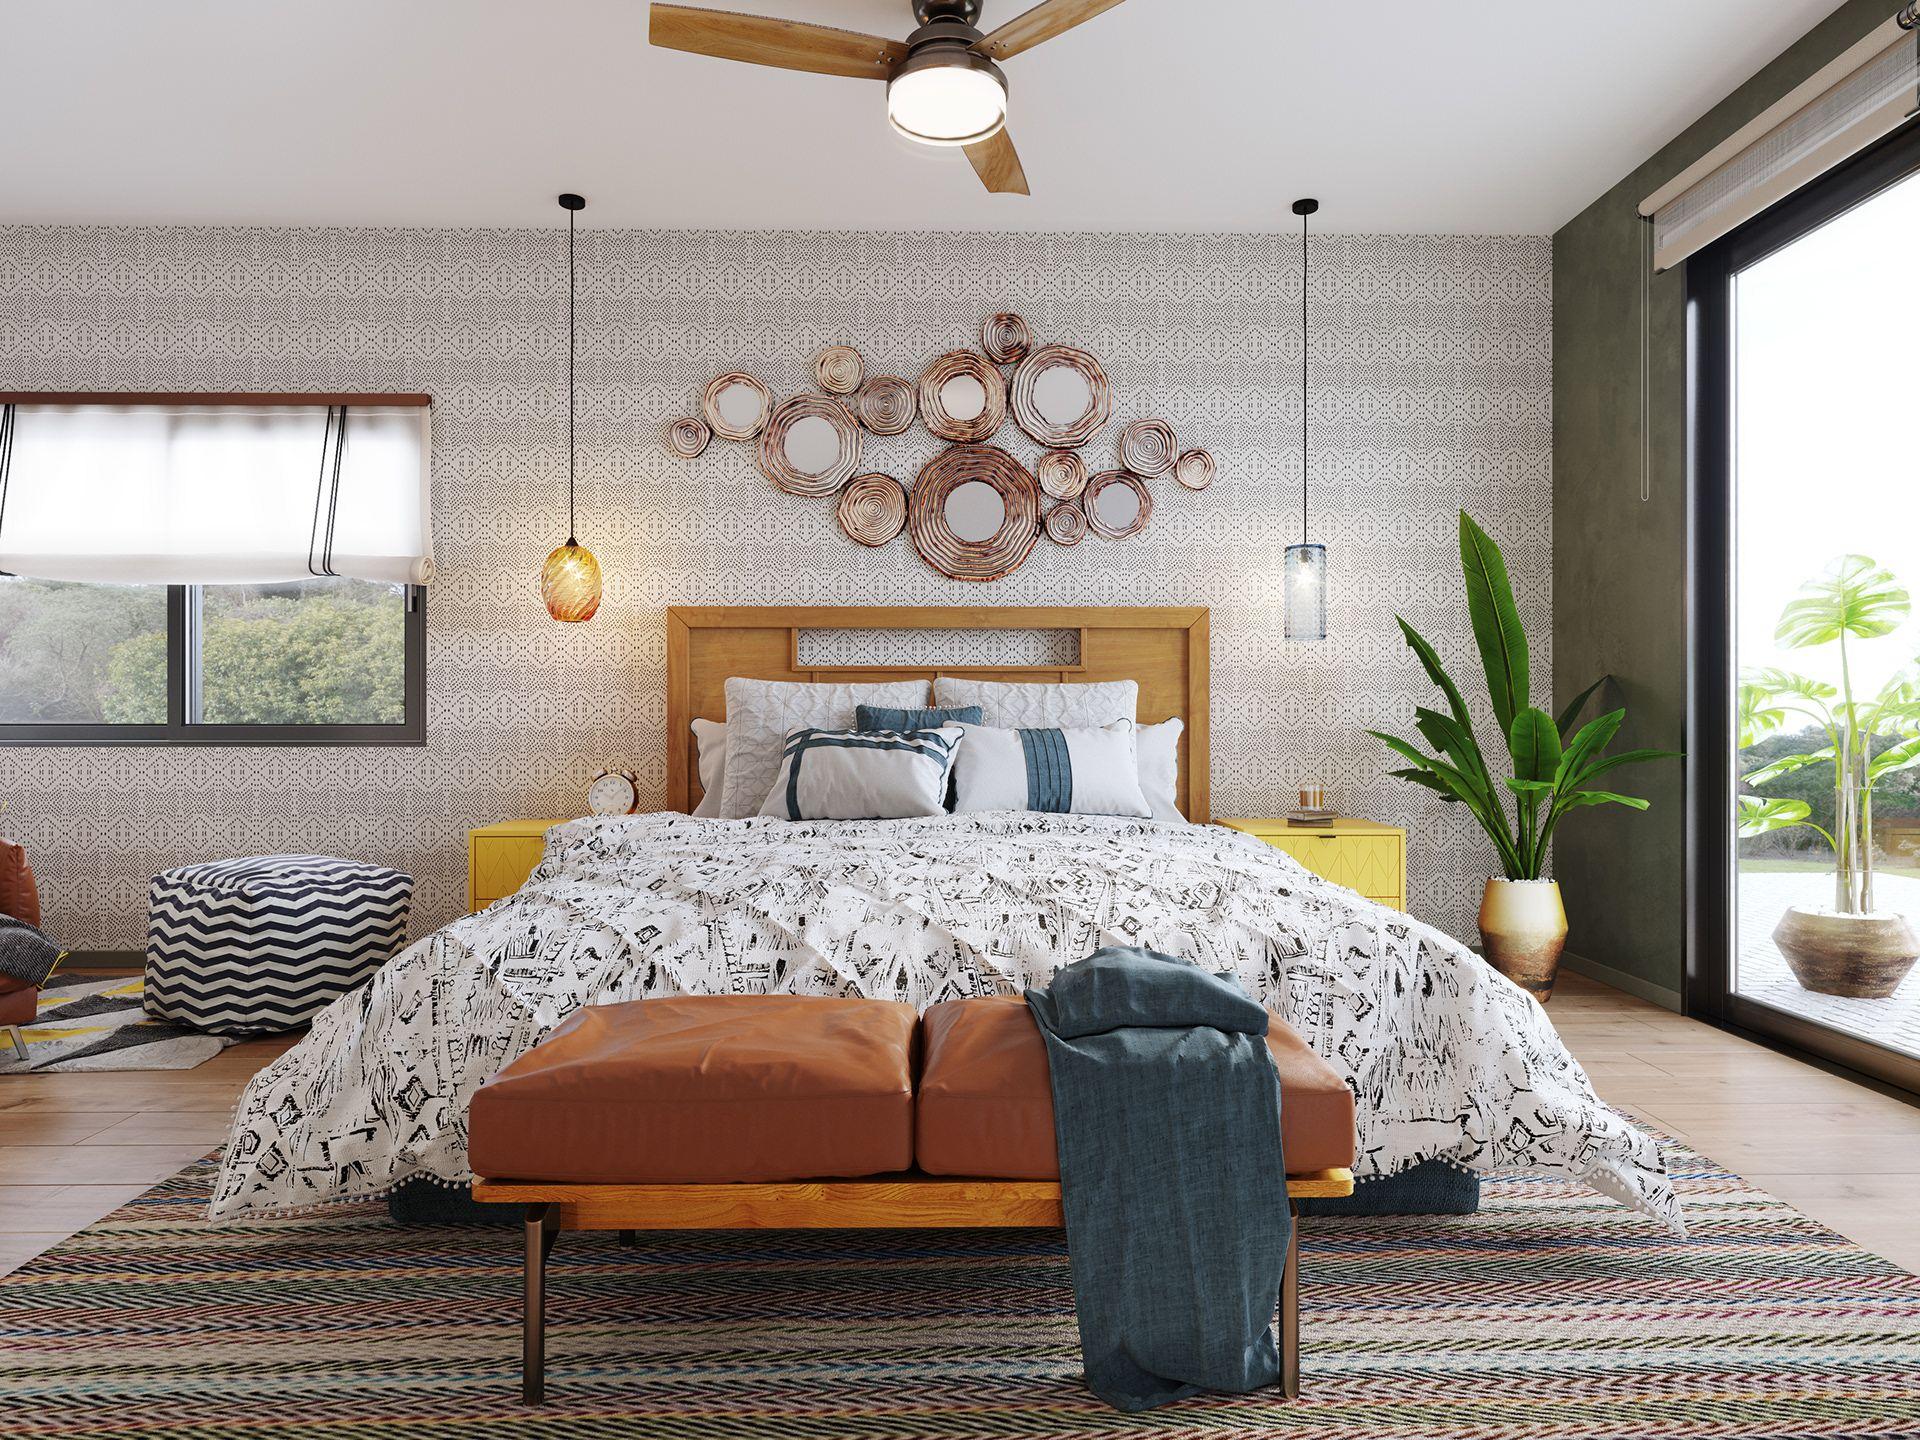 Luxury Master Bedroom Ideas Design Trends 2020 Bedroom Trends